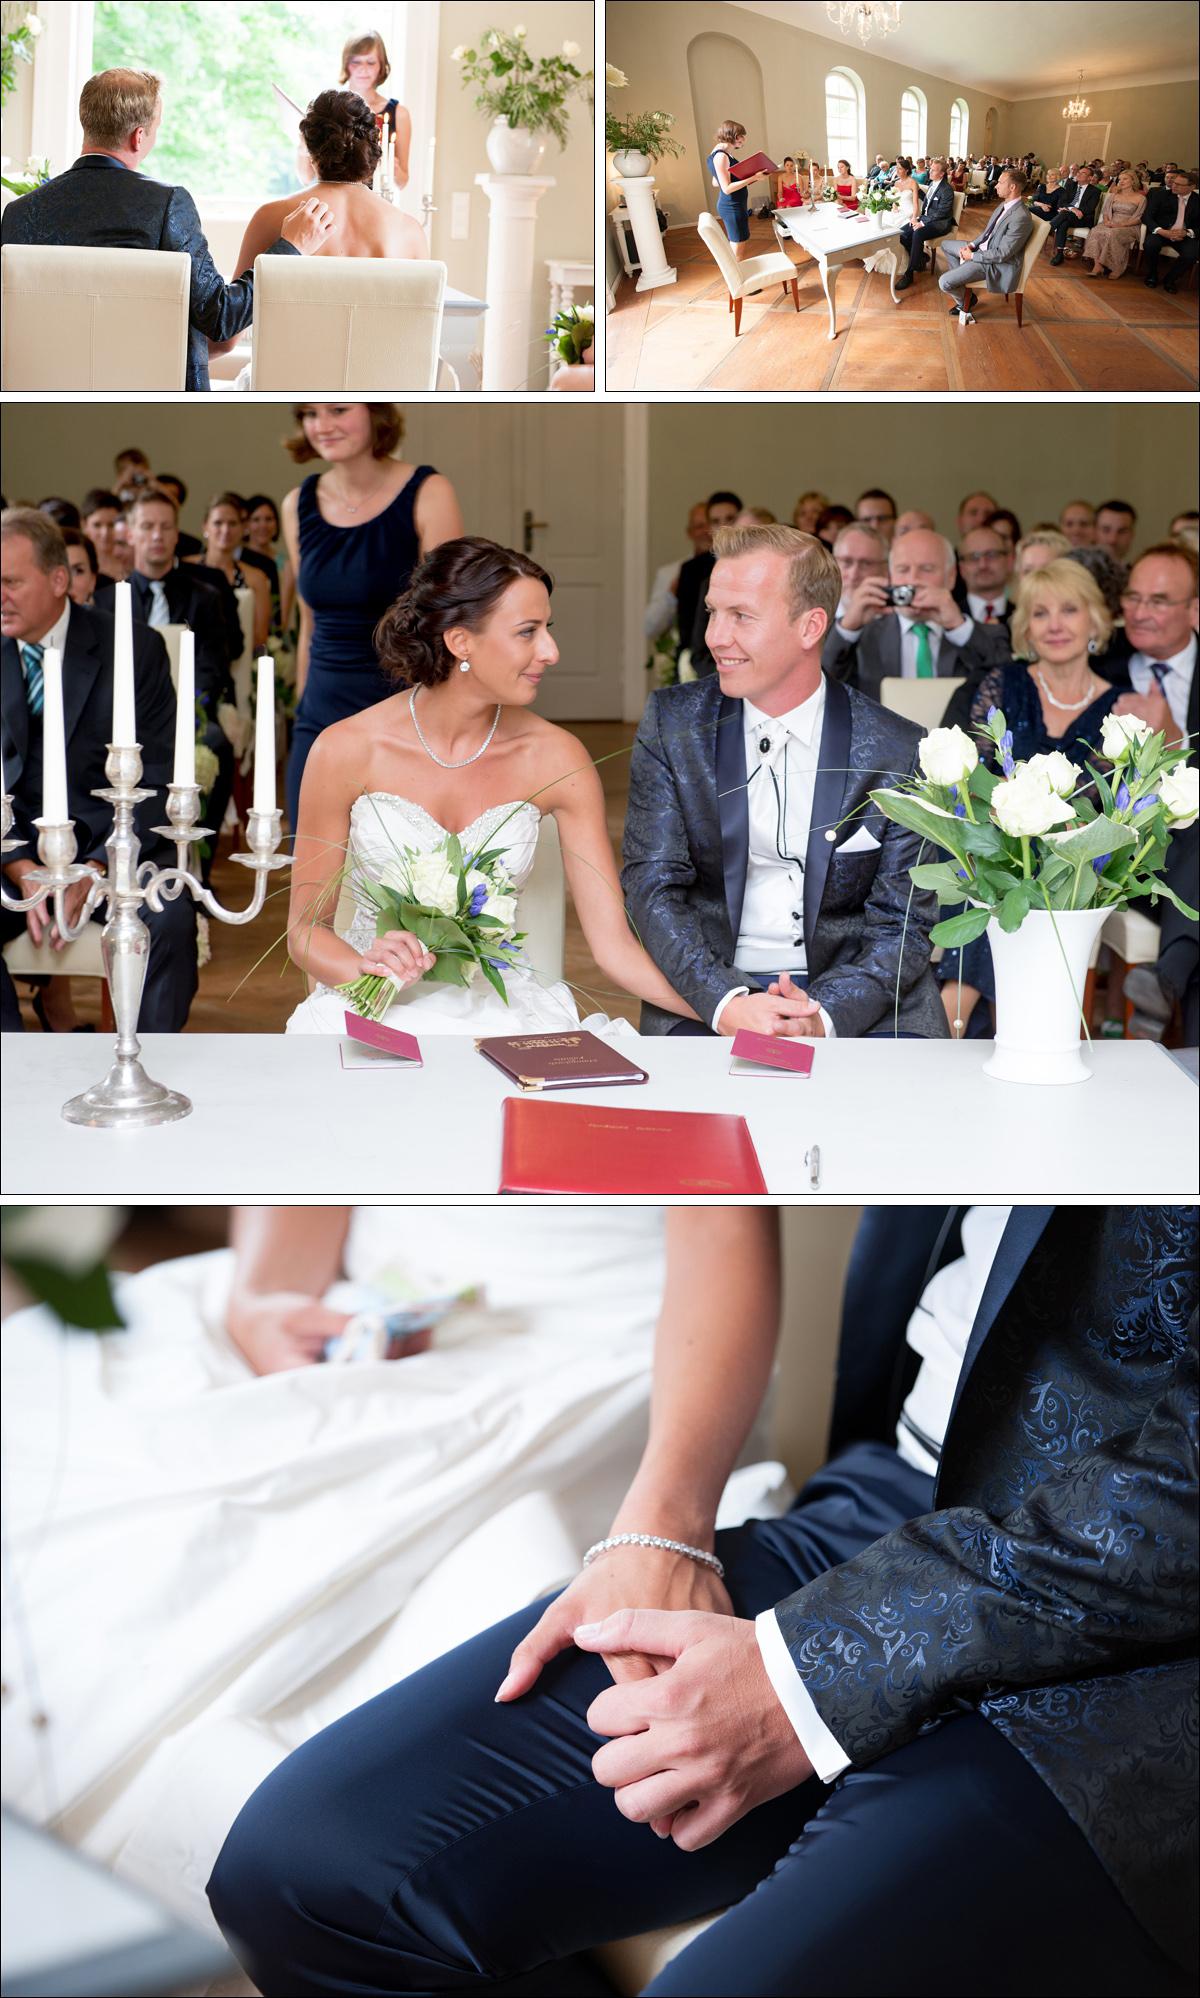 Trauung Steinhoefel Hochzeitsfotograf Berlin